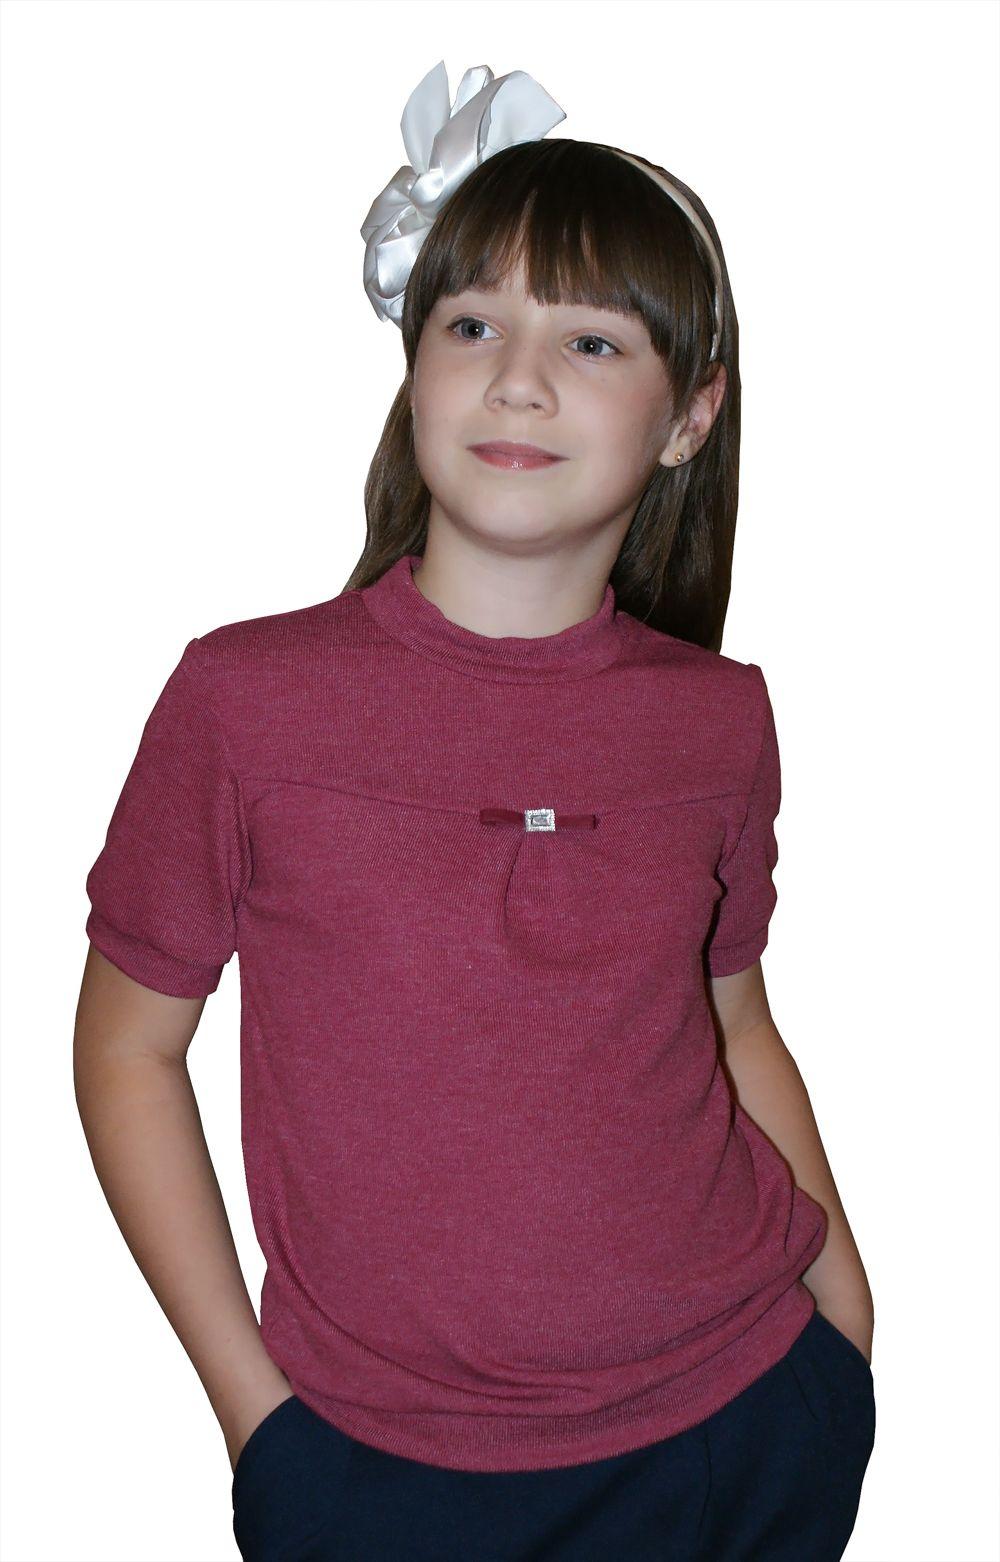 Сверка-дозаказ М@ттiель-16. Нарядные блузки для школы от 300руб. Есть распродажа. Добираем минималку! Окончательный СТОП 30.10.